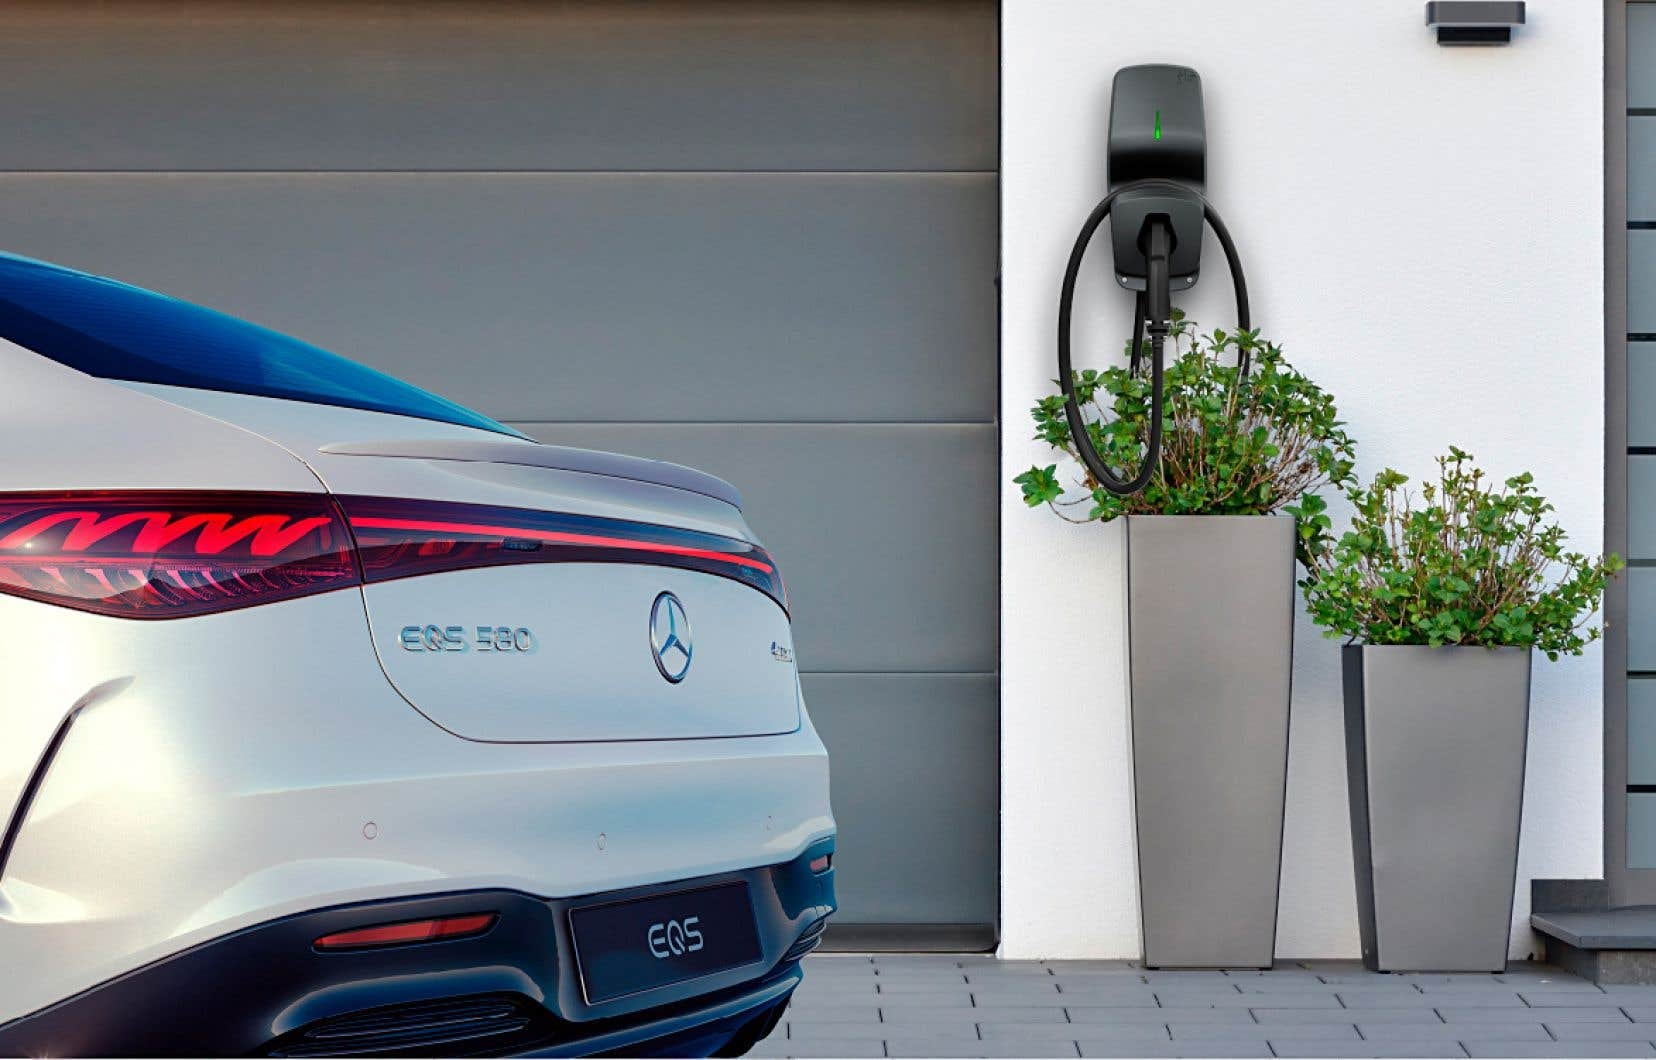 Ce partenariat avec AddÉnergie s'avère le troisième engagement en sol québécois pris en peu de temps par Mercedes-Benz pour assurer l'avenir de ses véhicules.